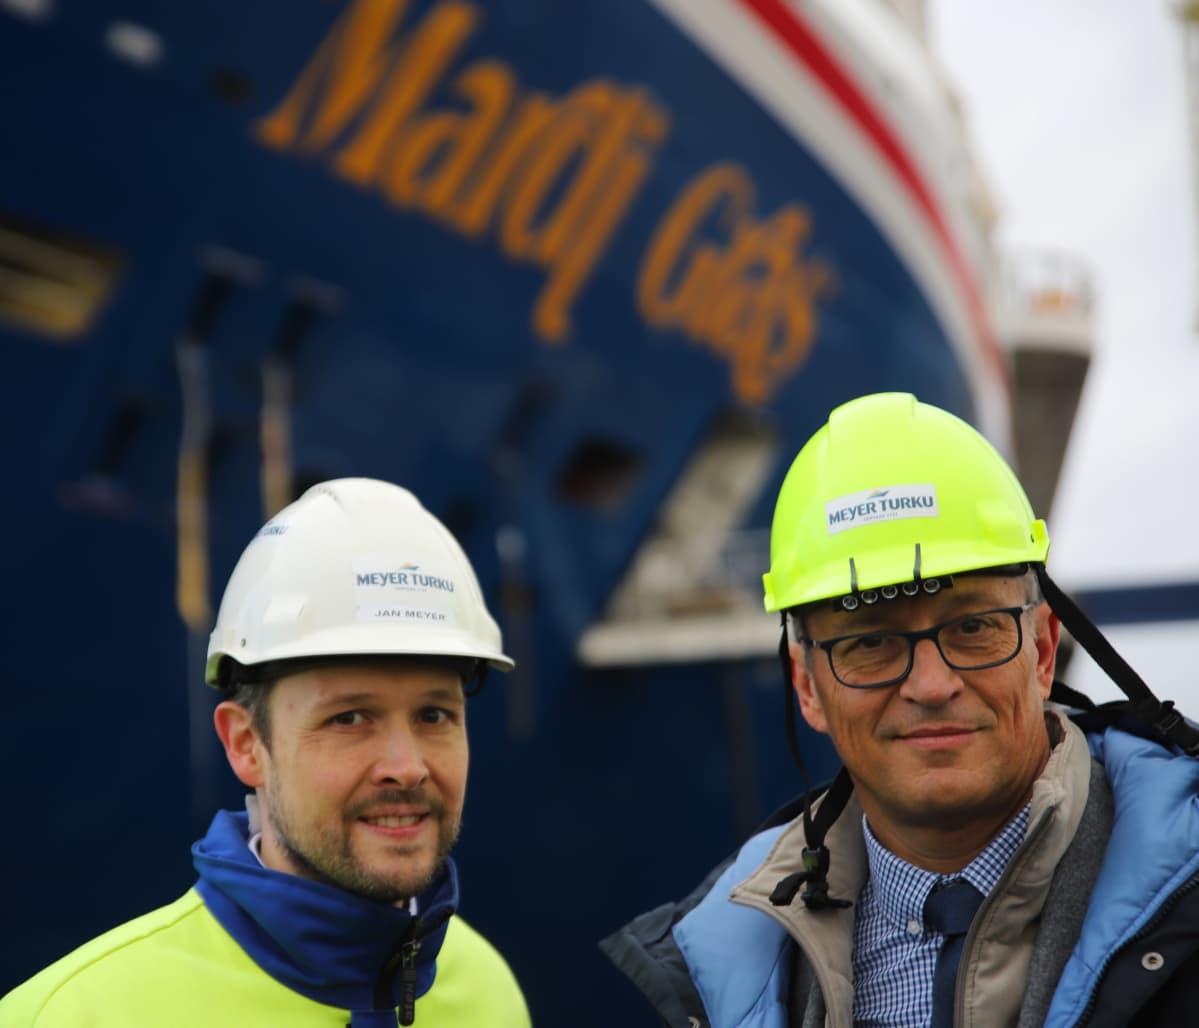 Meyer Turun toimitusjohtaja Jan Meyer ja Carnival Cruise Linesin senior vice president Ben Clement